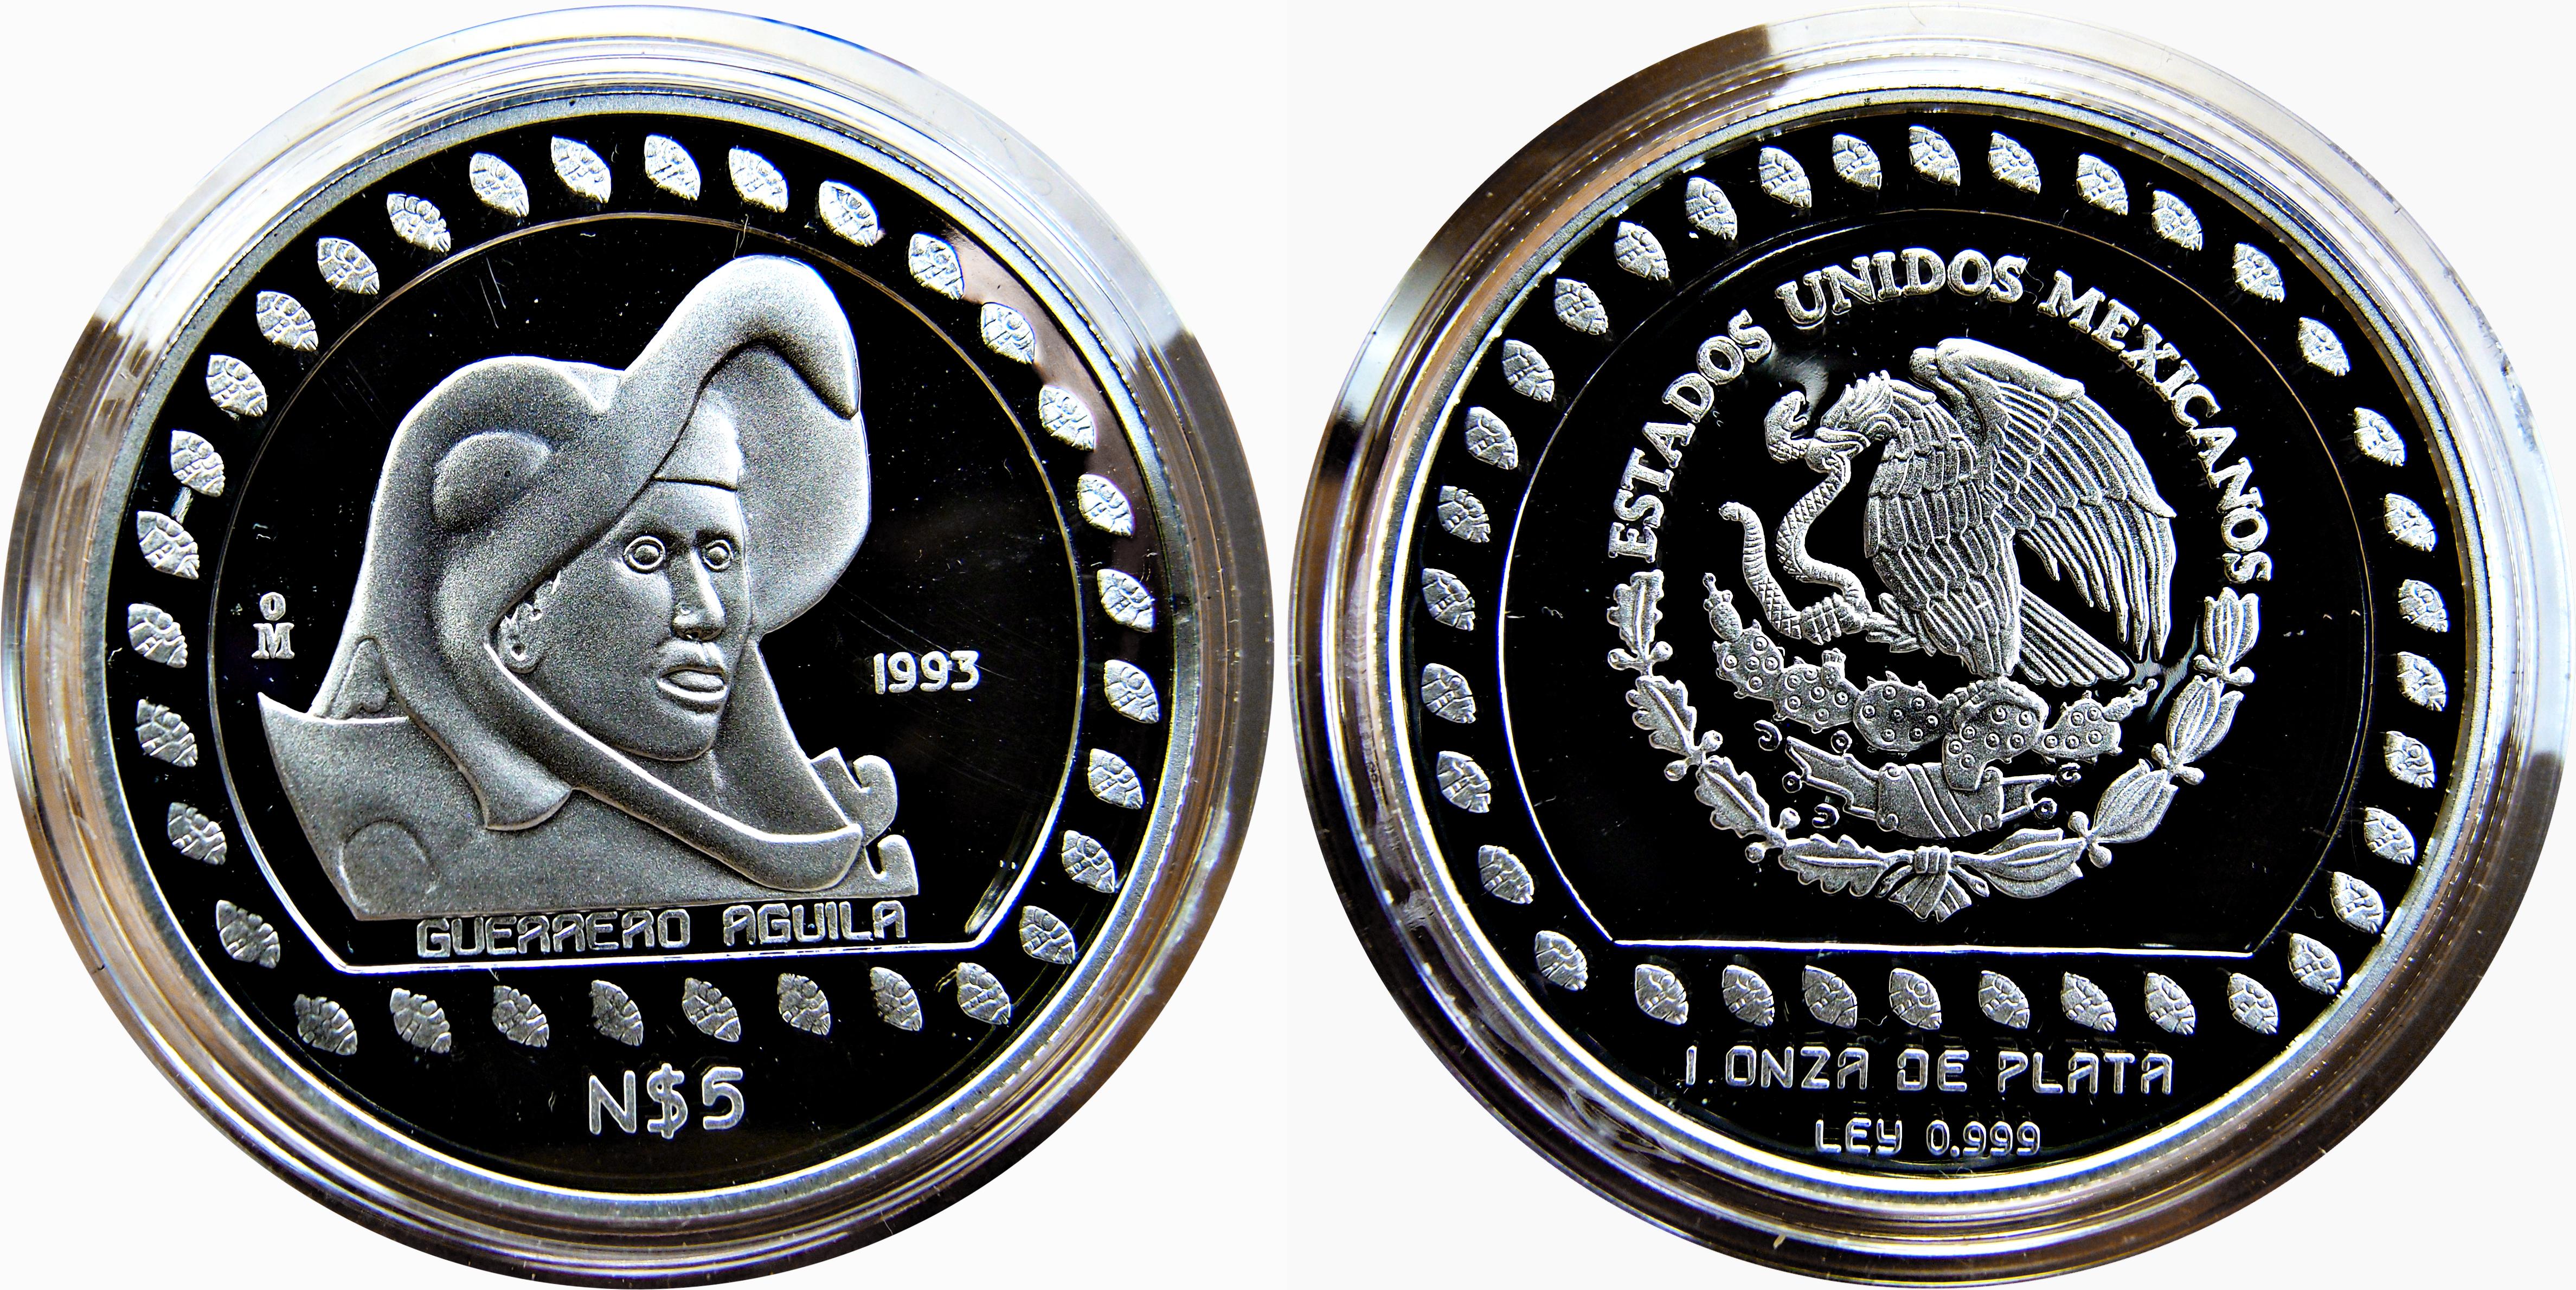 Colección Precolombina de onzas de plata del Banco de Mexico 12124528026_680de55dbd_o